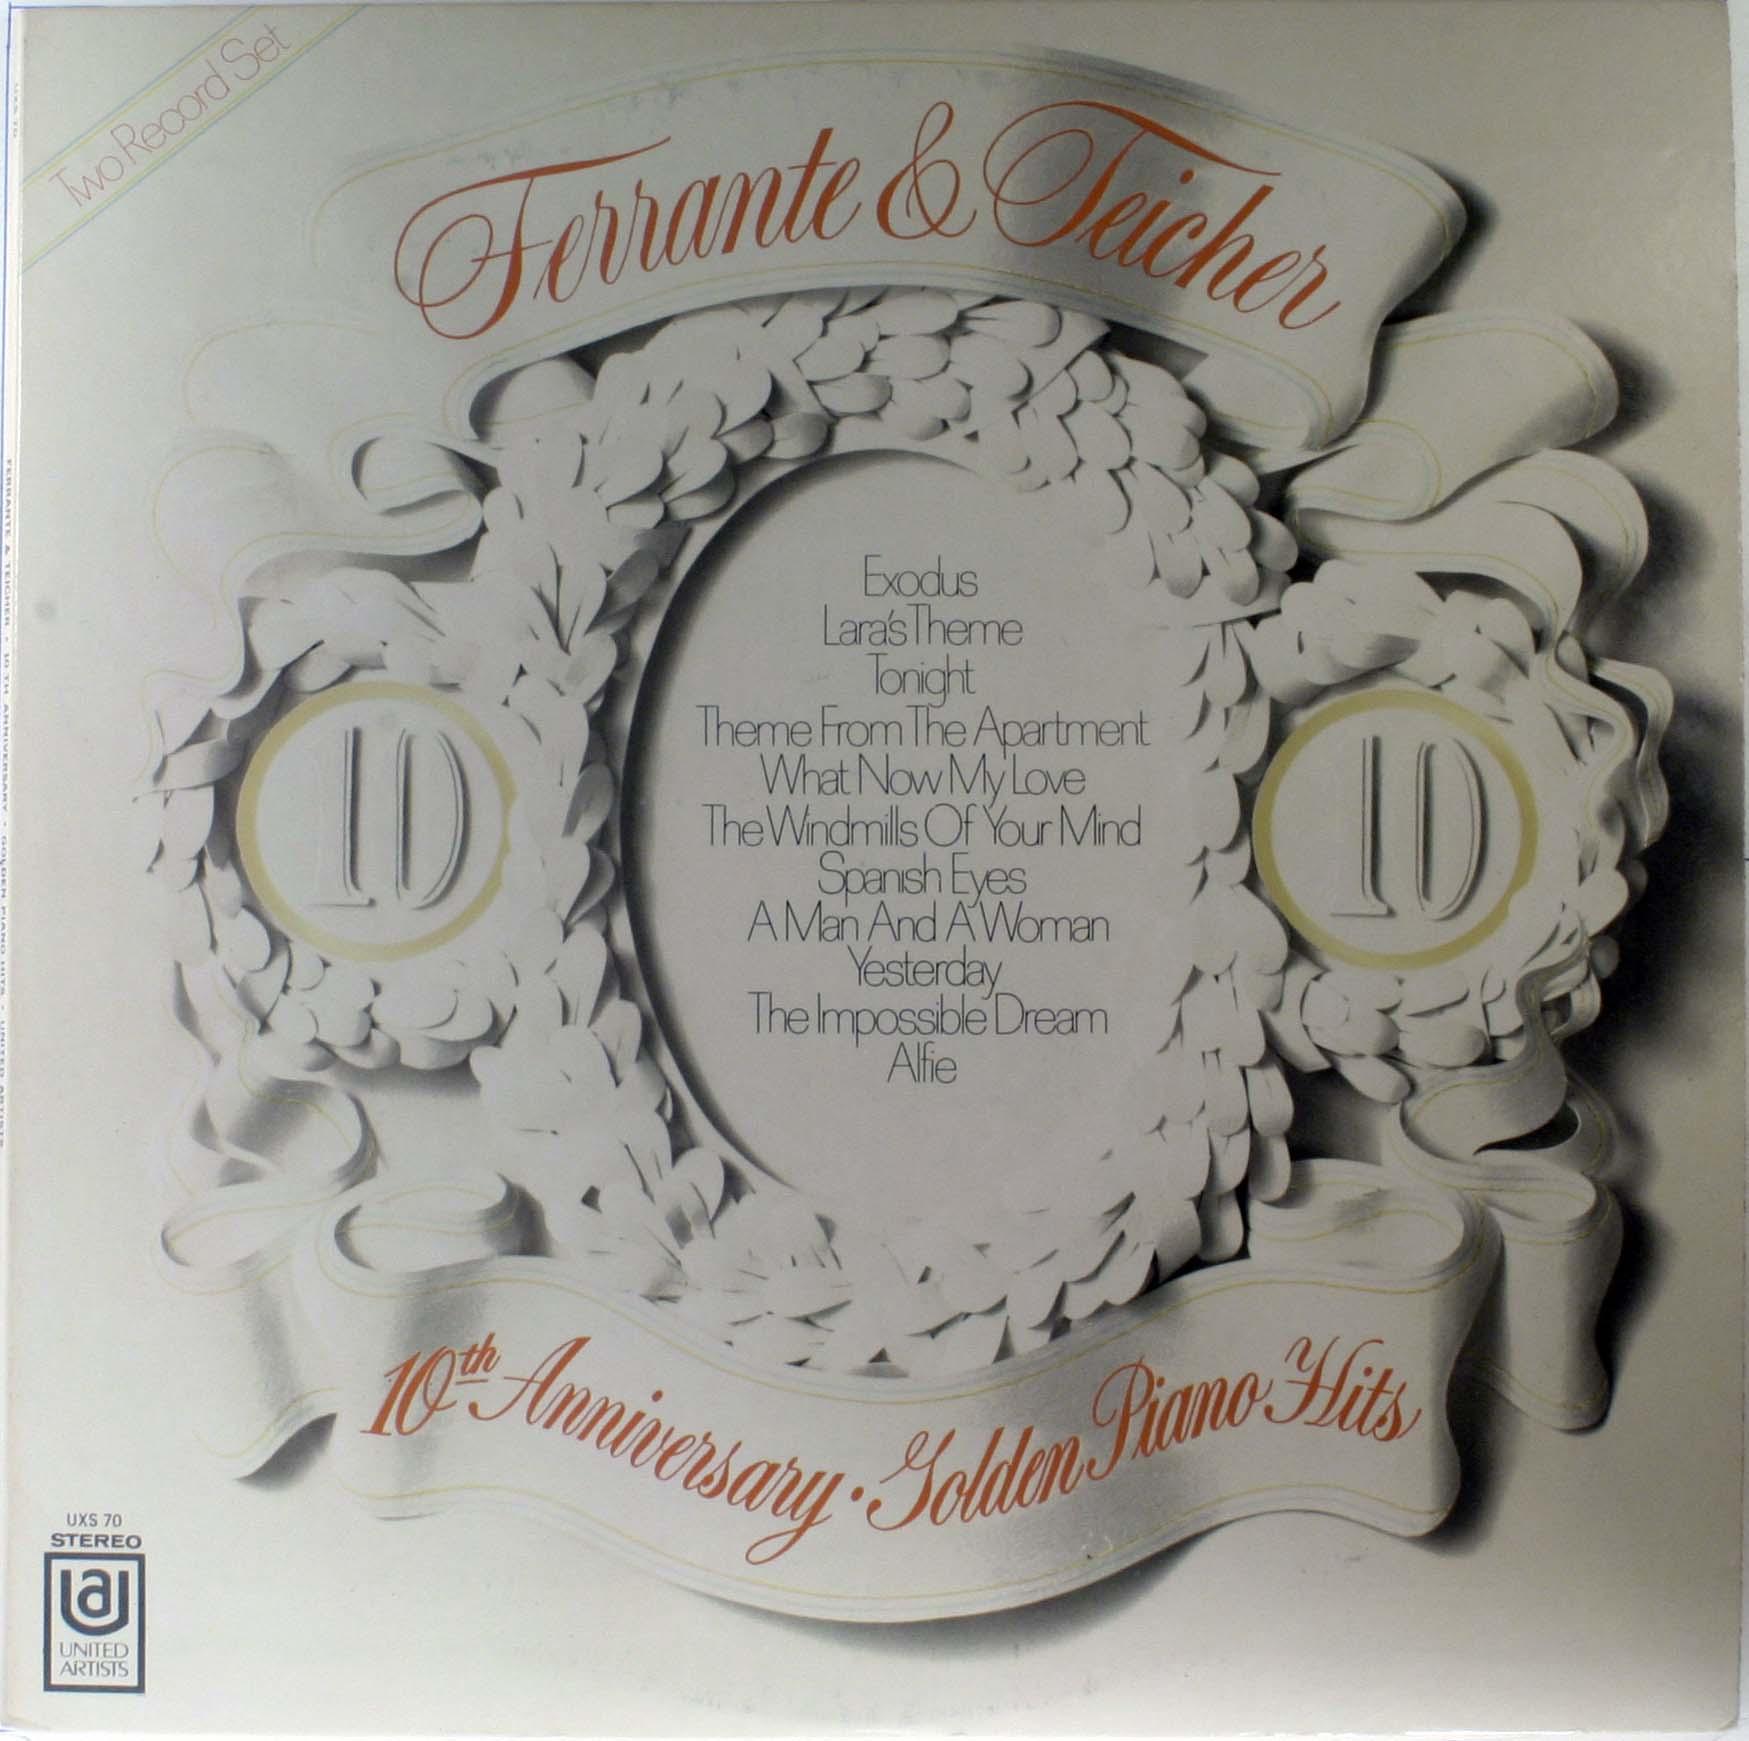 Ferrante Teicher Golden Piano Hits